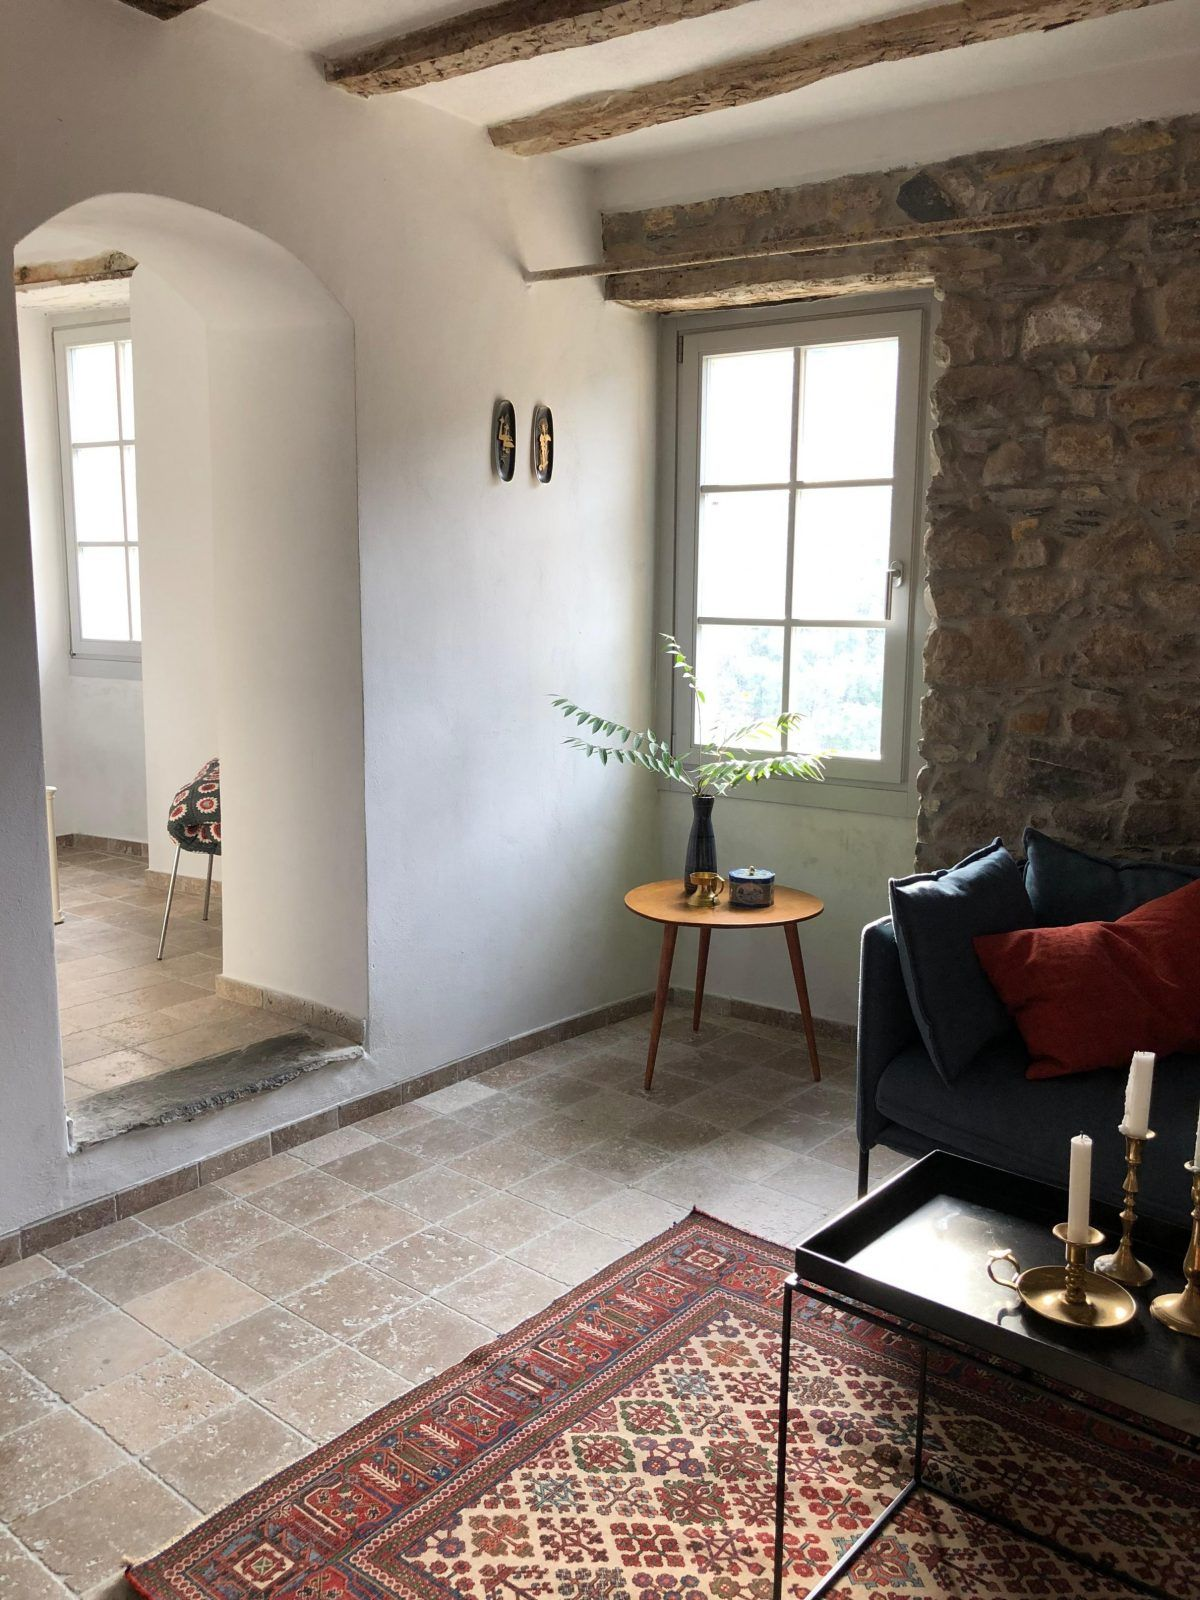 Wohnzimmer Renovieren Ideen Bilder Haus Bauen Renovieren